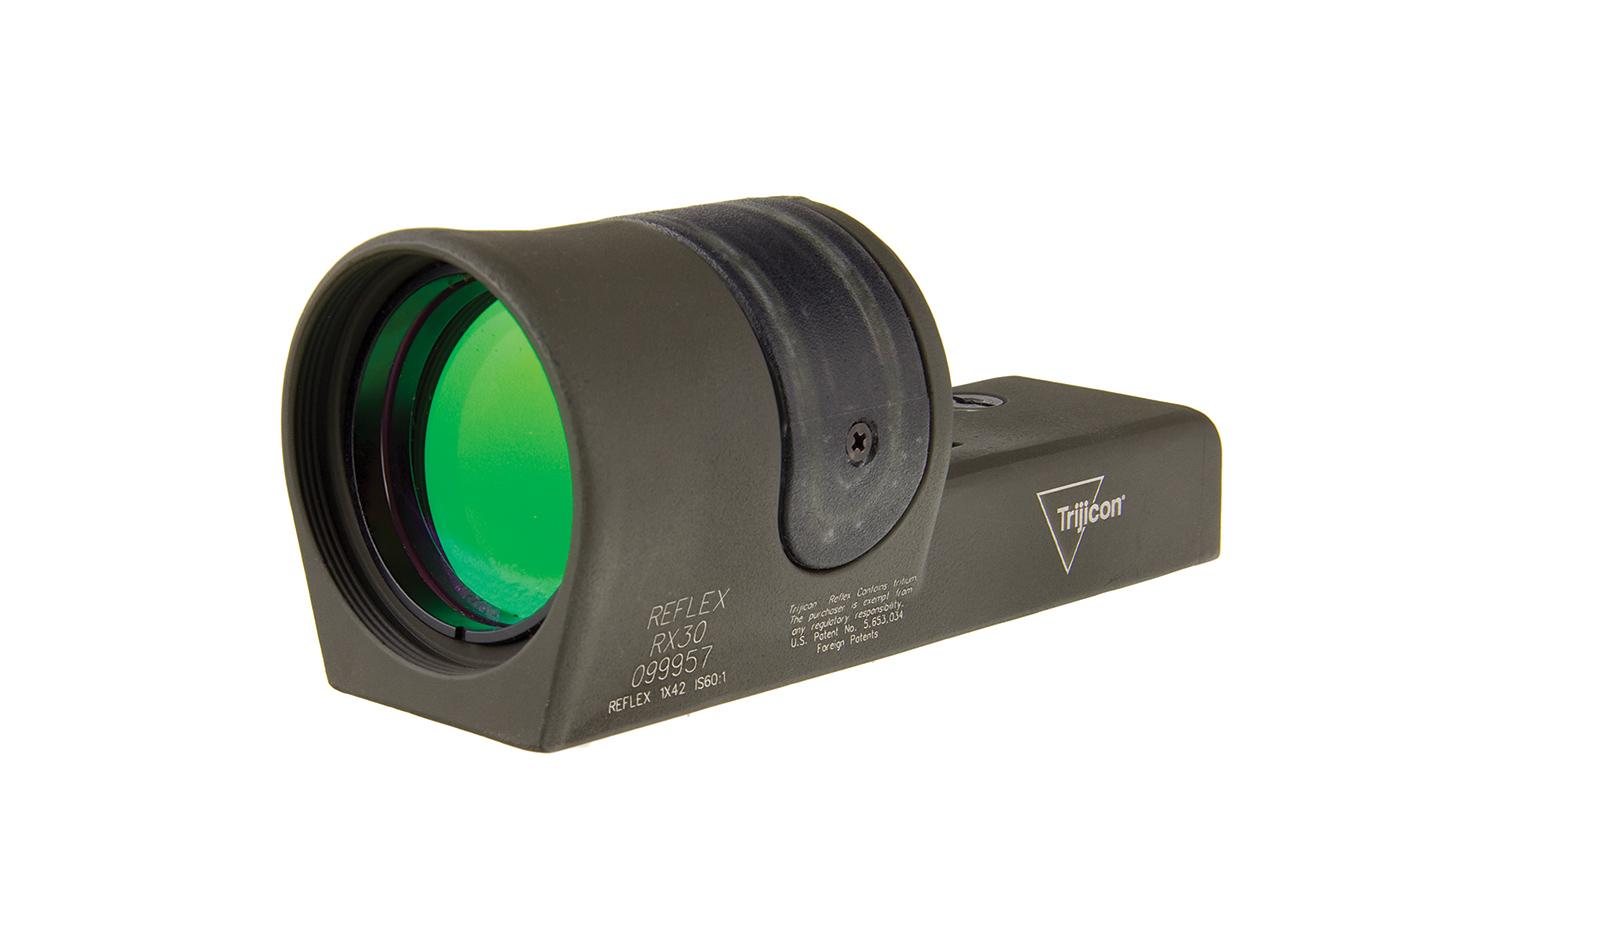 RX30-C-800066 angle